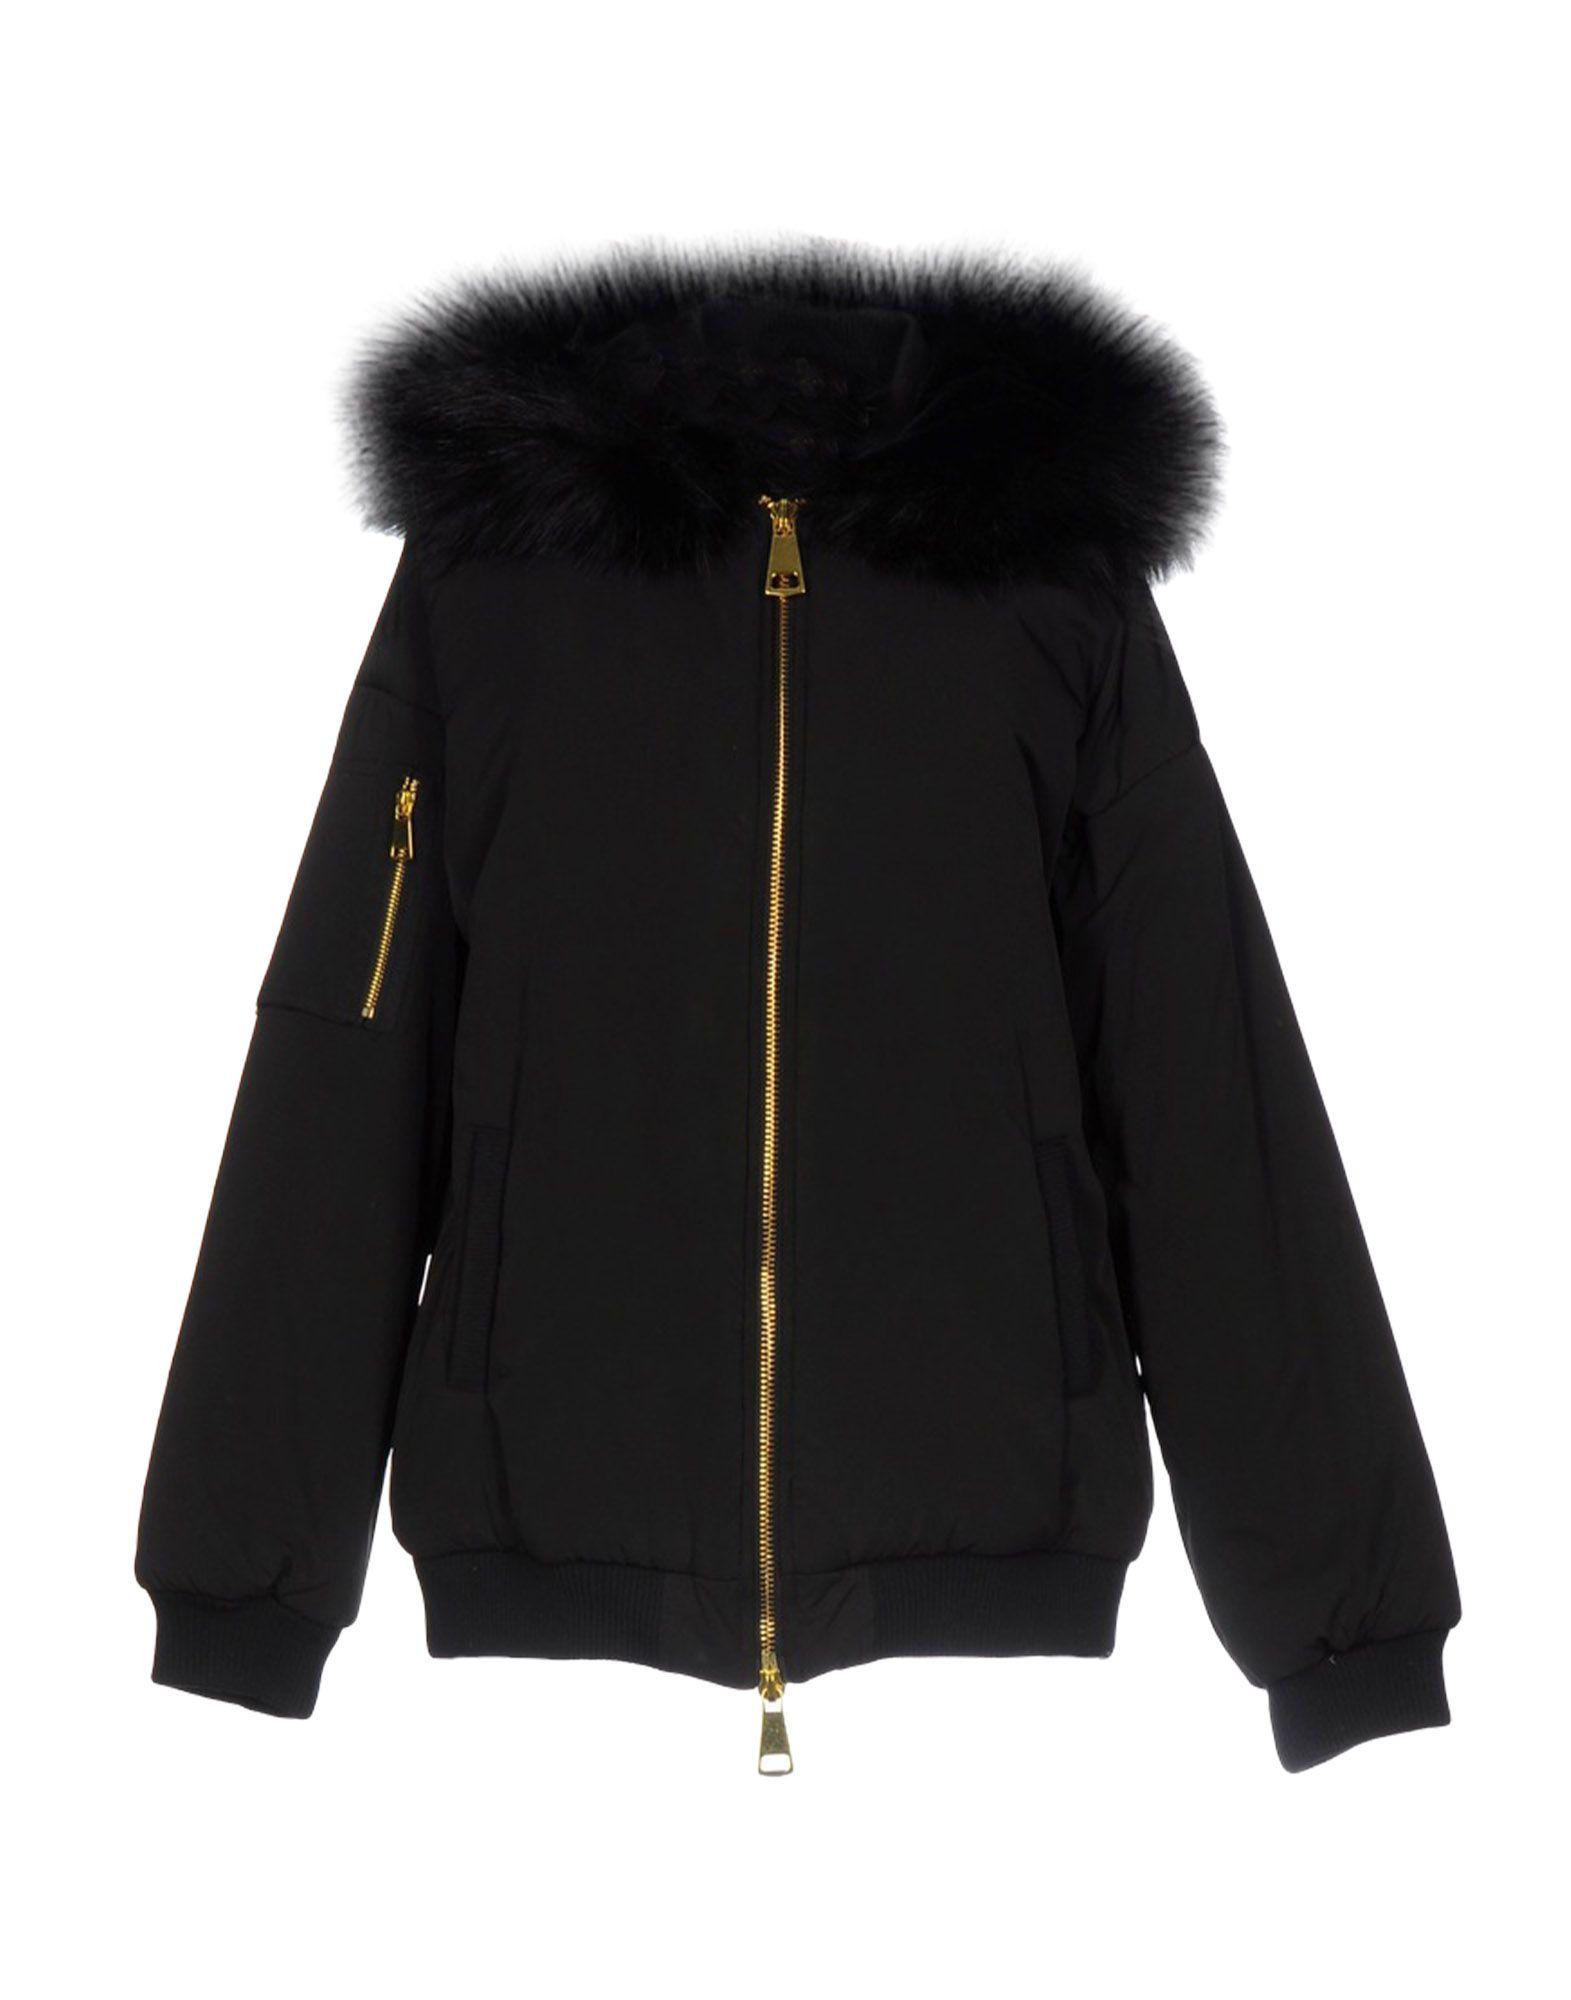 KENGSTAR Damen Jacke Farbe Schwarz Größe 5 - broschei